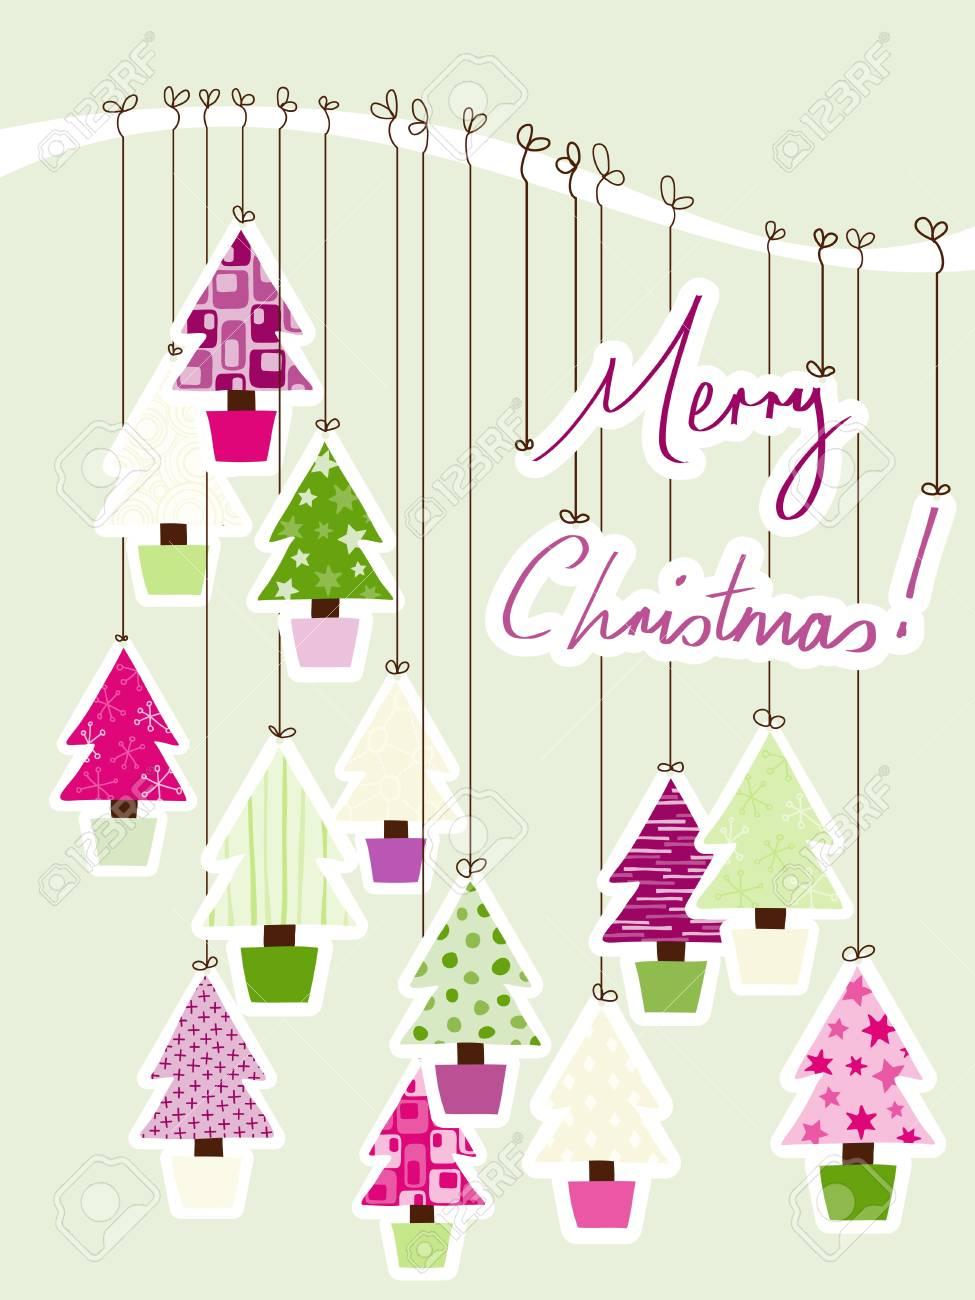 手書きメリー クリスマス サイン装飾クリスマス ツリーで分岐に関連付けられています